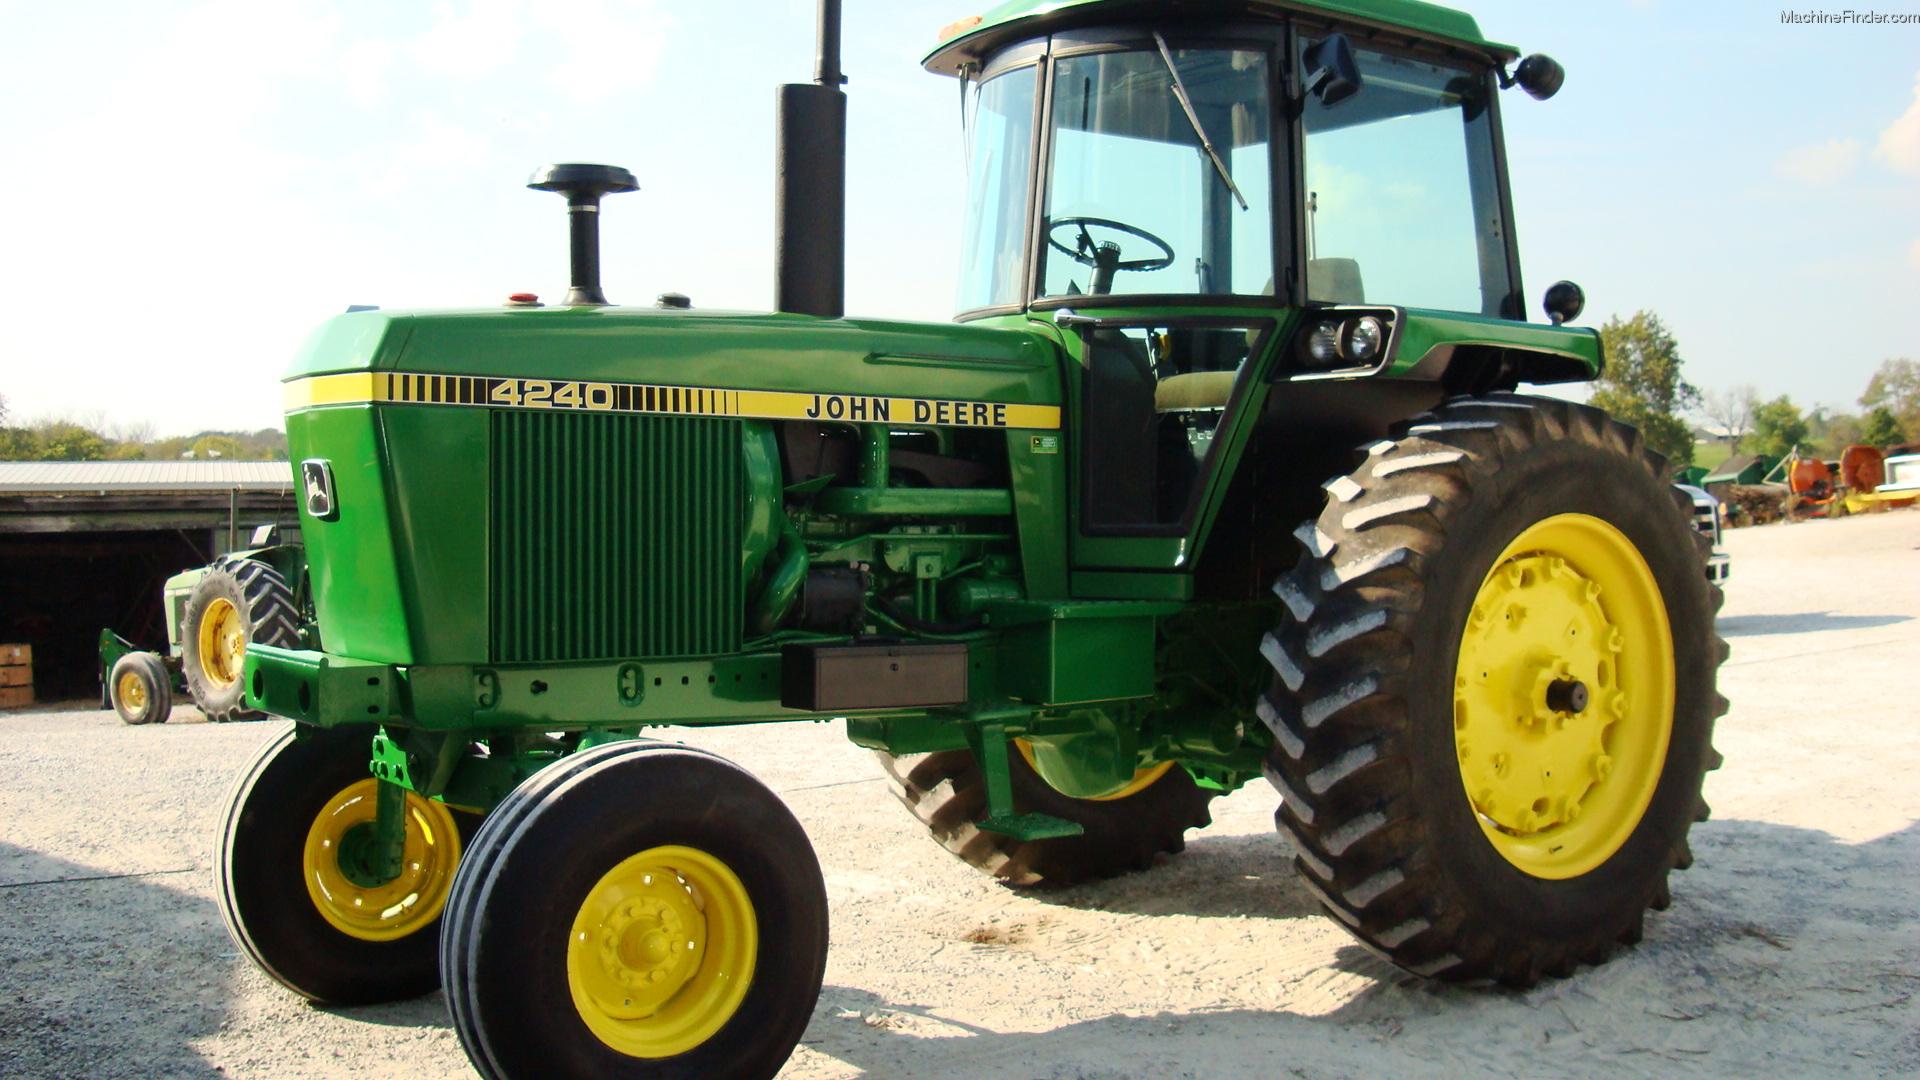 1978 John Deere 4240 Tractors - Row Crop (+100hp) - John ...